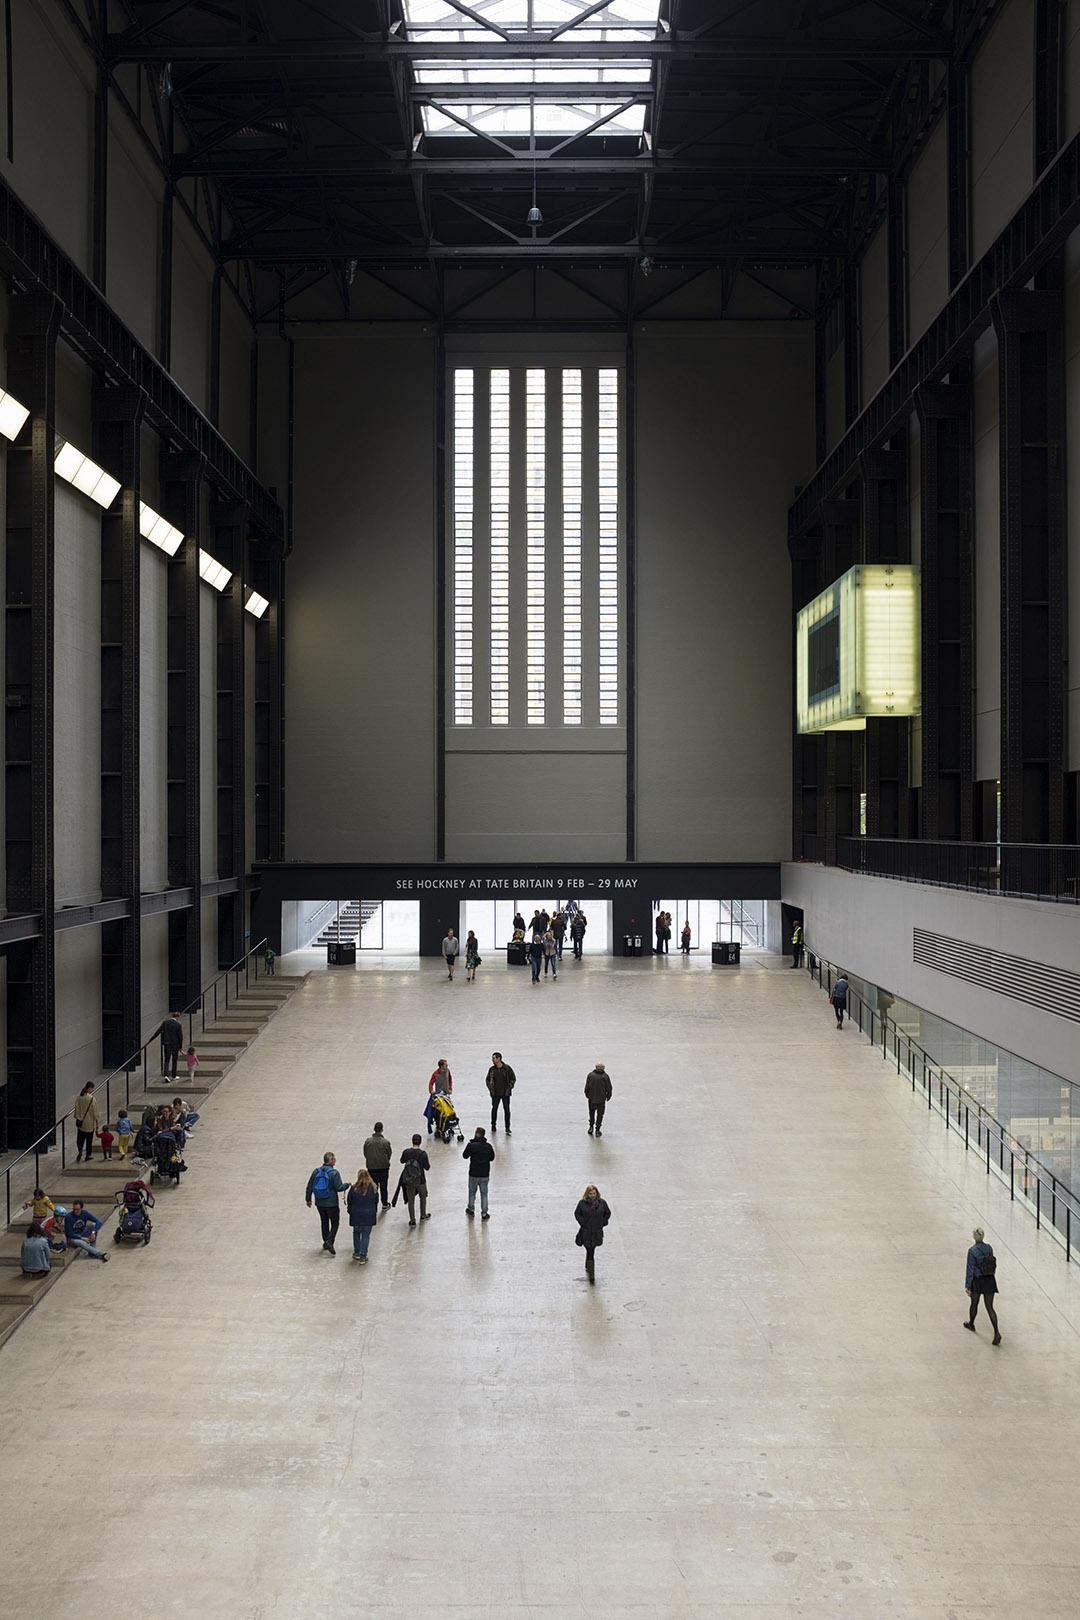 London Tate Modern interior - ottiche professionali